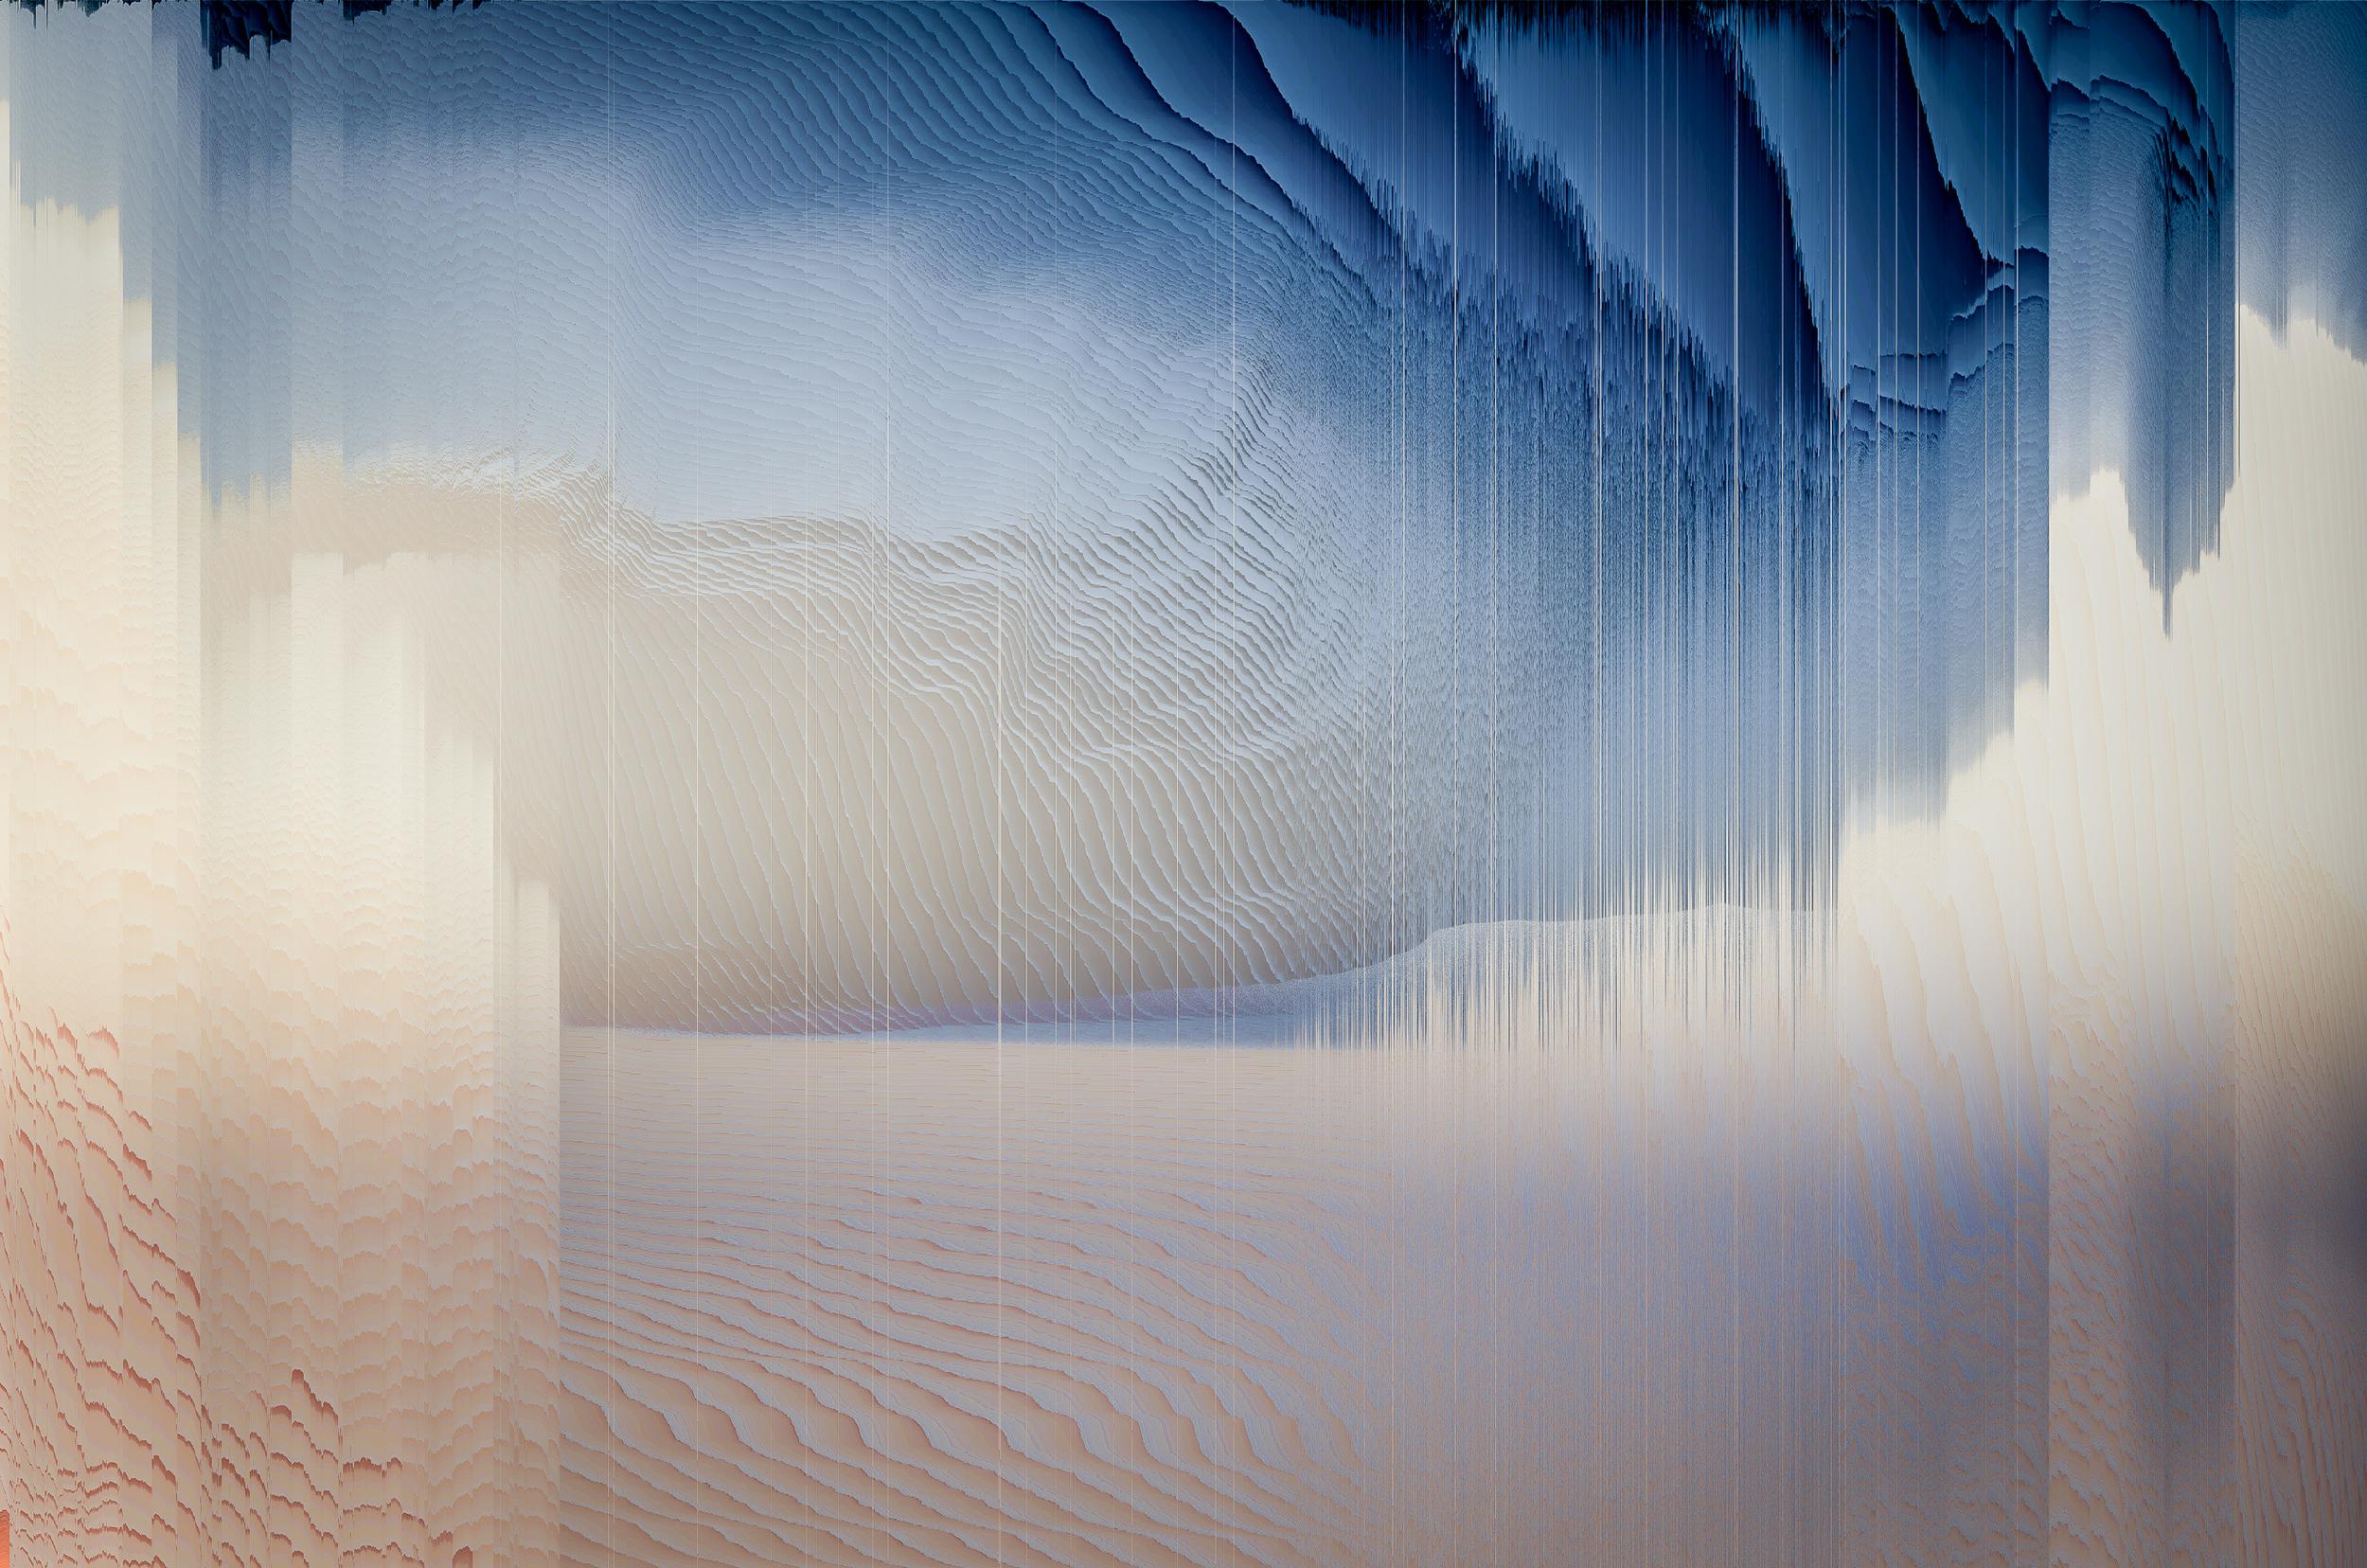 alban_guerry-suire_pixel_sorting-002.jpg